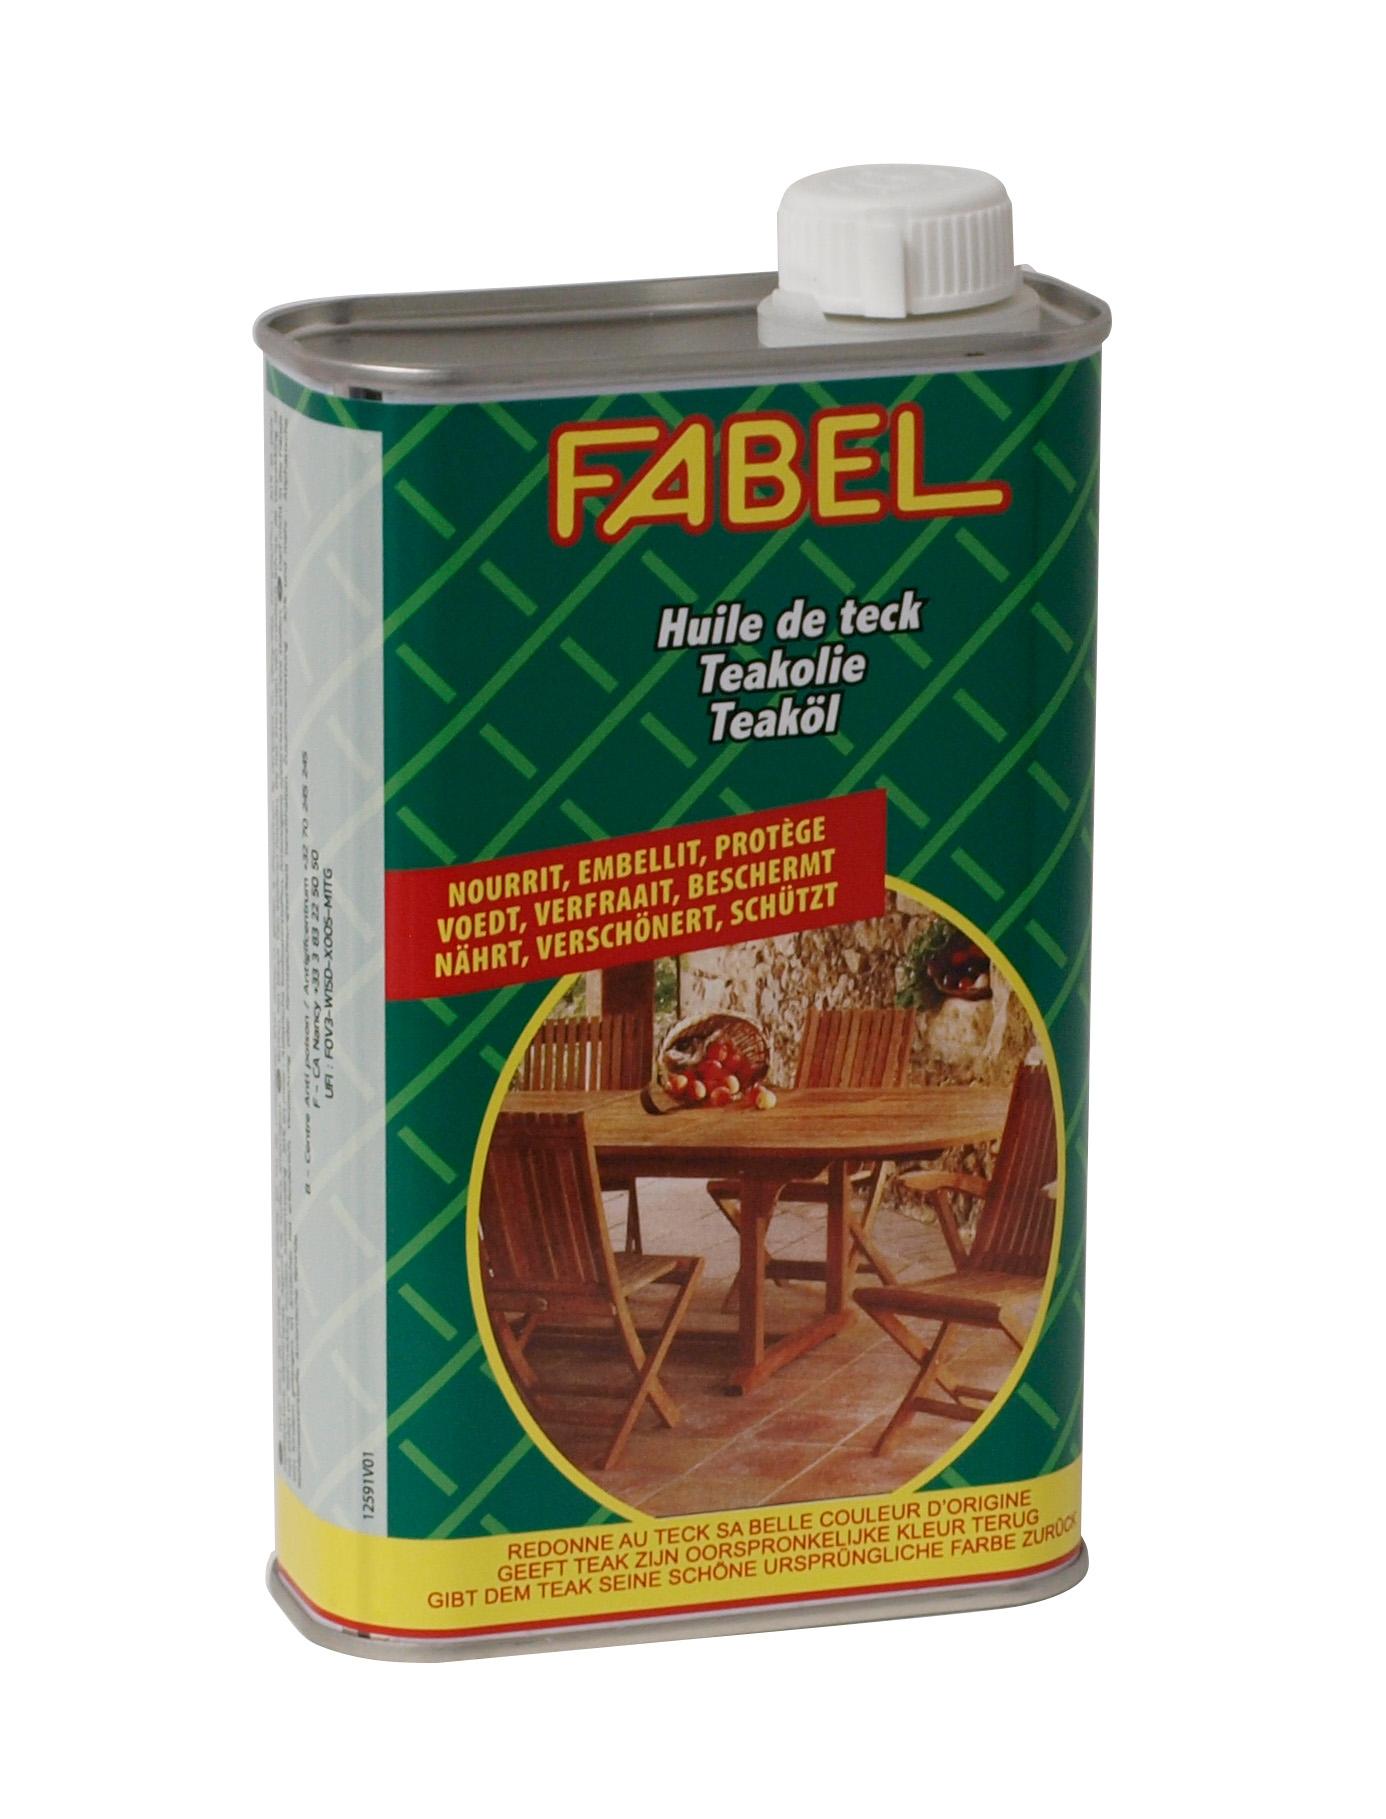 Spezial-Pflegeöl für Gartenmöbel aus Teakholz von FABEL, 500ml